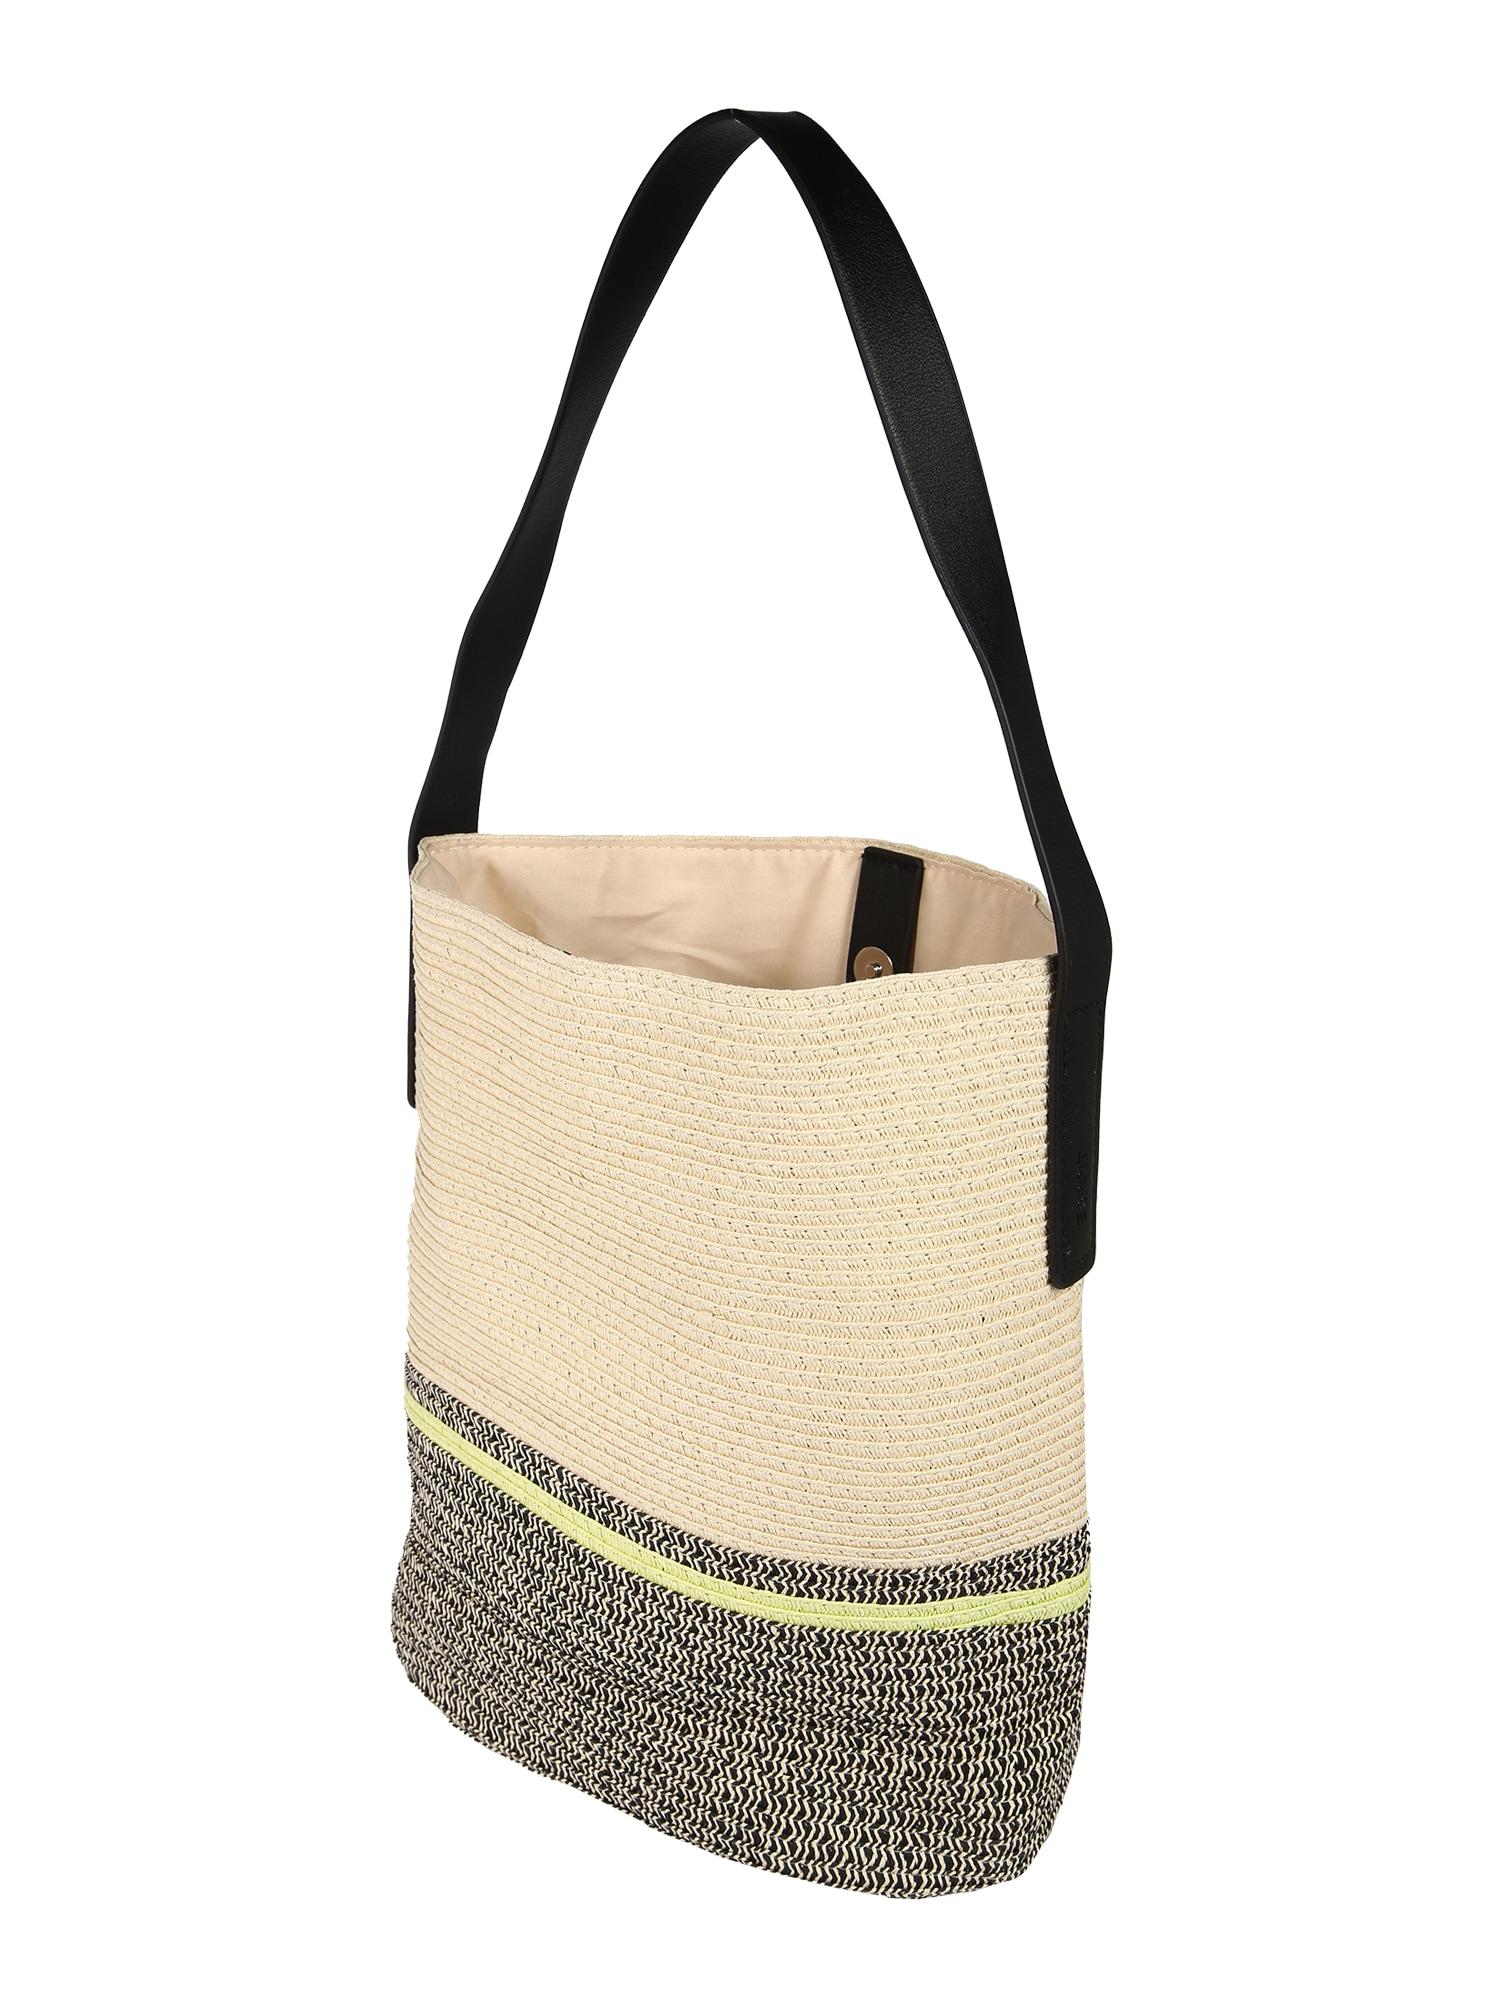 ESPRIT Pirkinių krepšys 'Davina Hobo' juoda / smėlio